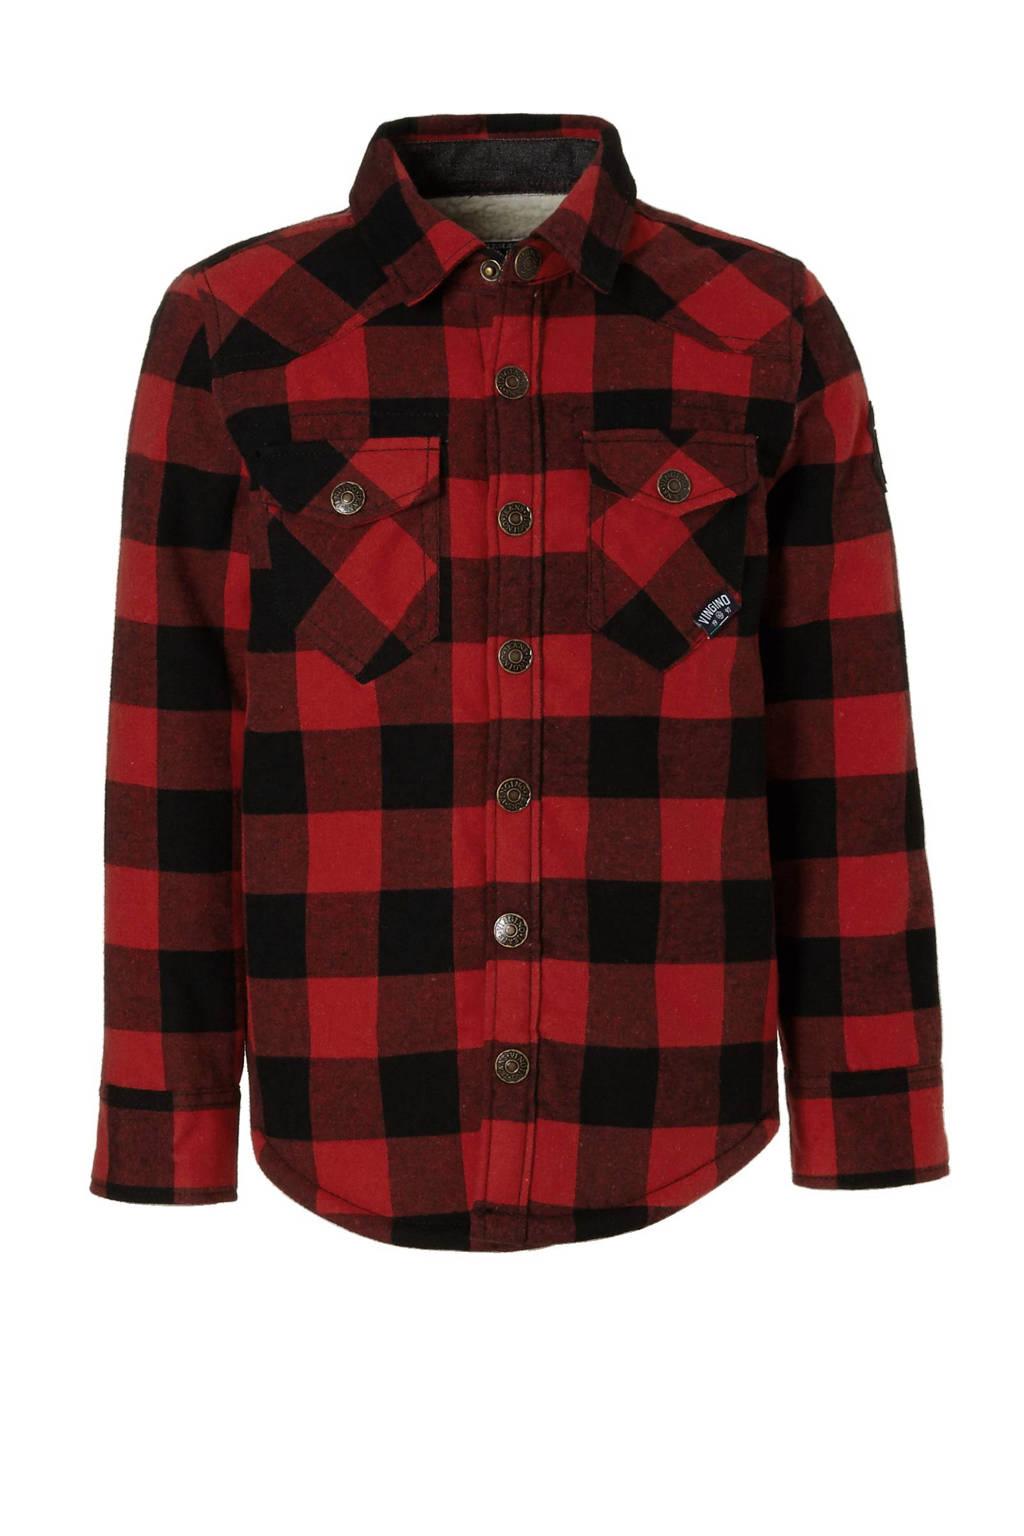 Flanellen Overhemd.Vingino Gevoerd Flanellen Overhemd Wehkamp